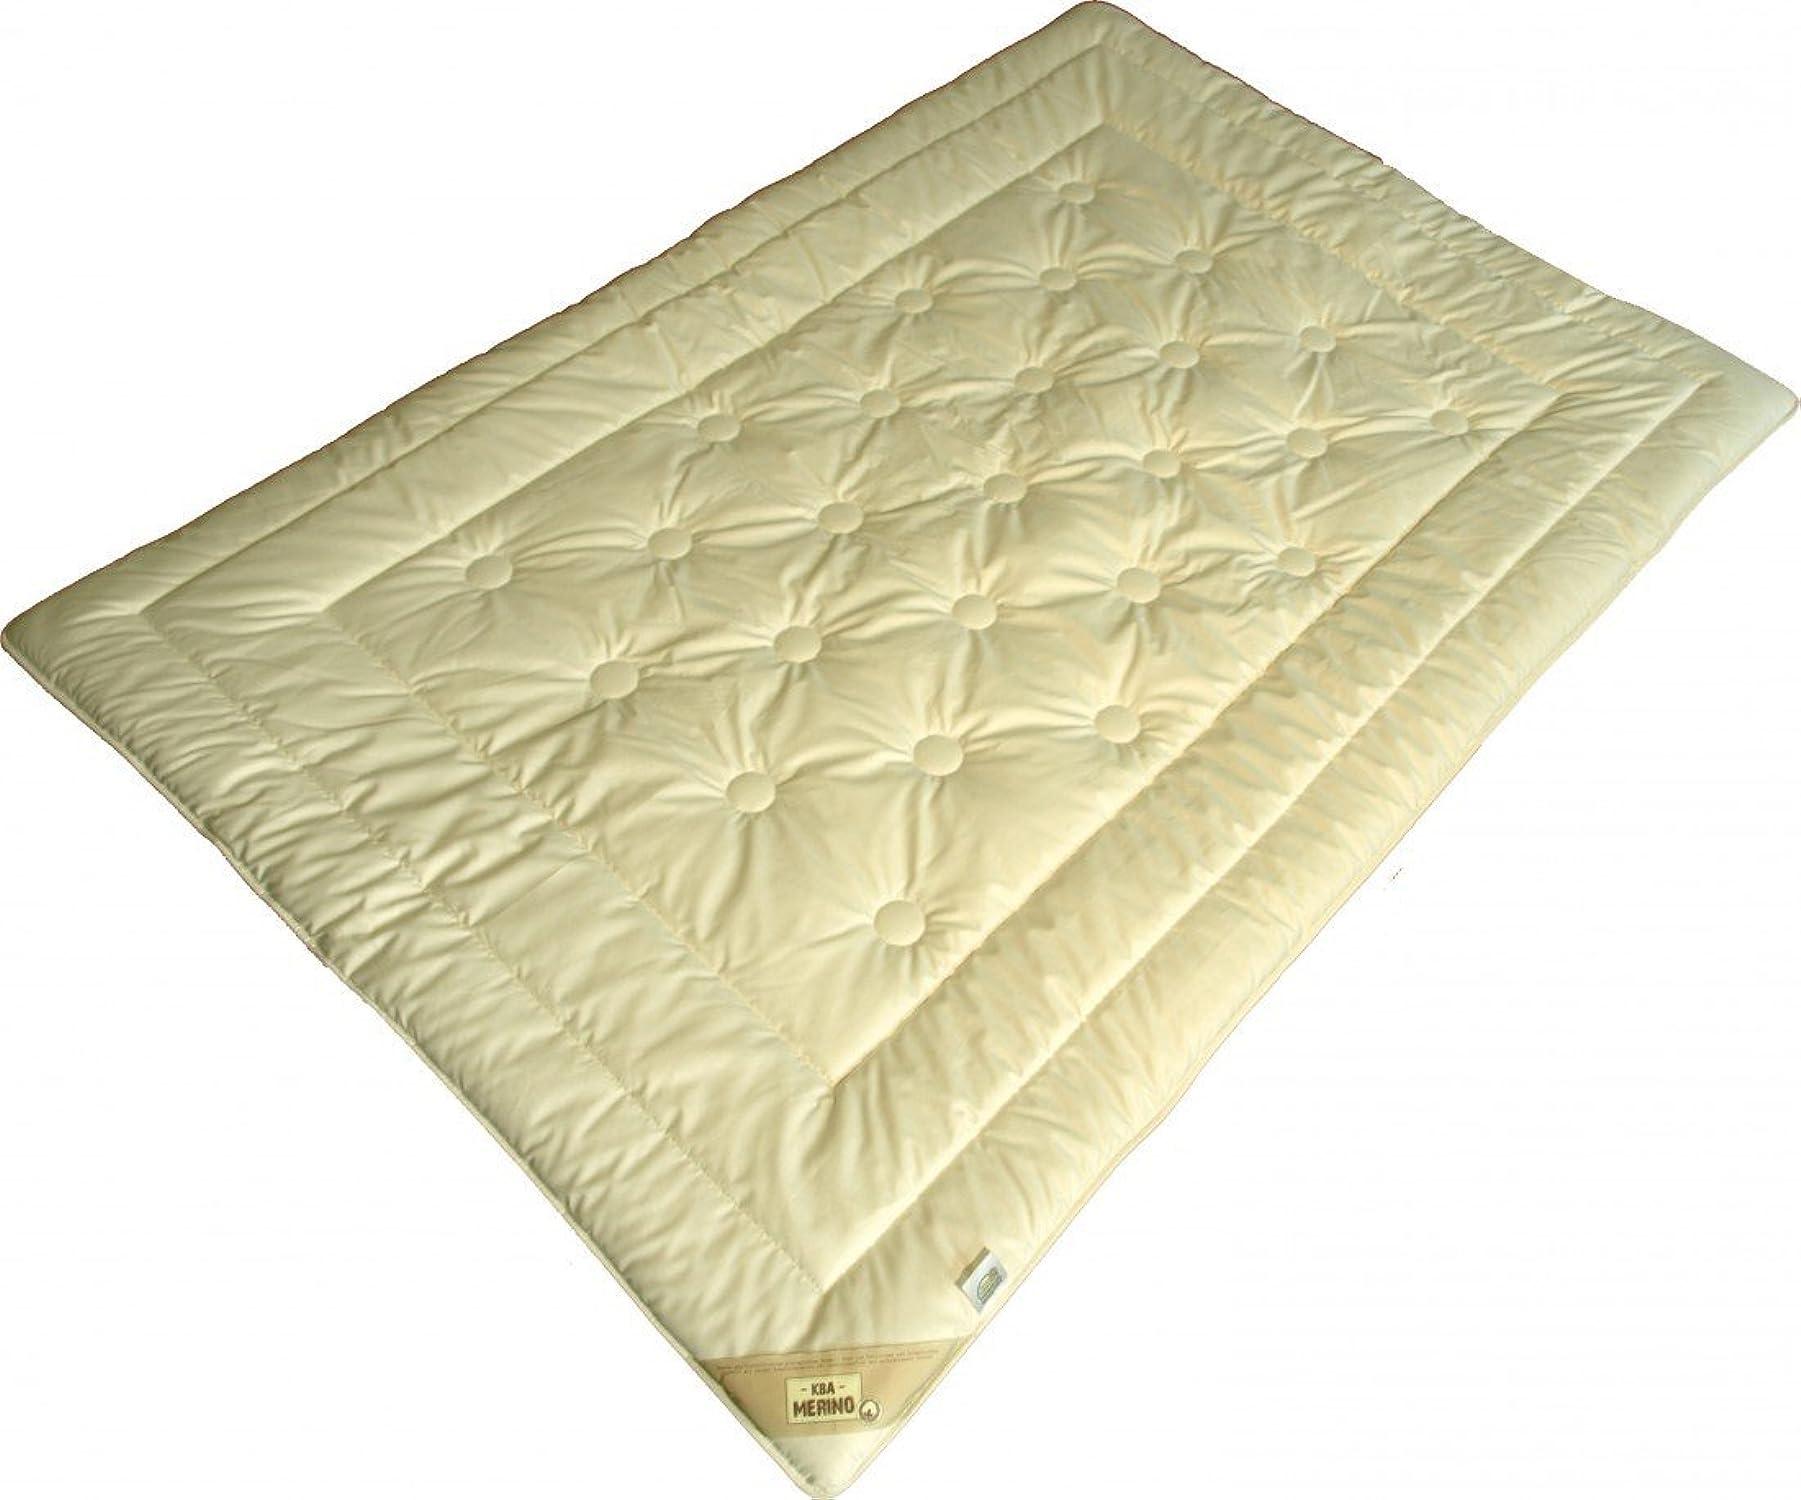 Garanta Couverture en laine vierge mérinos Duo de coton léger housse avec Bio de coton, 100 % laine vierge, naturel, 135 x 200 cm